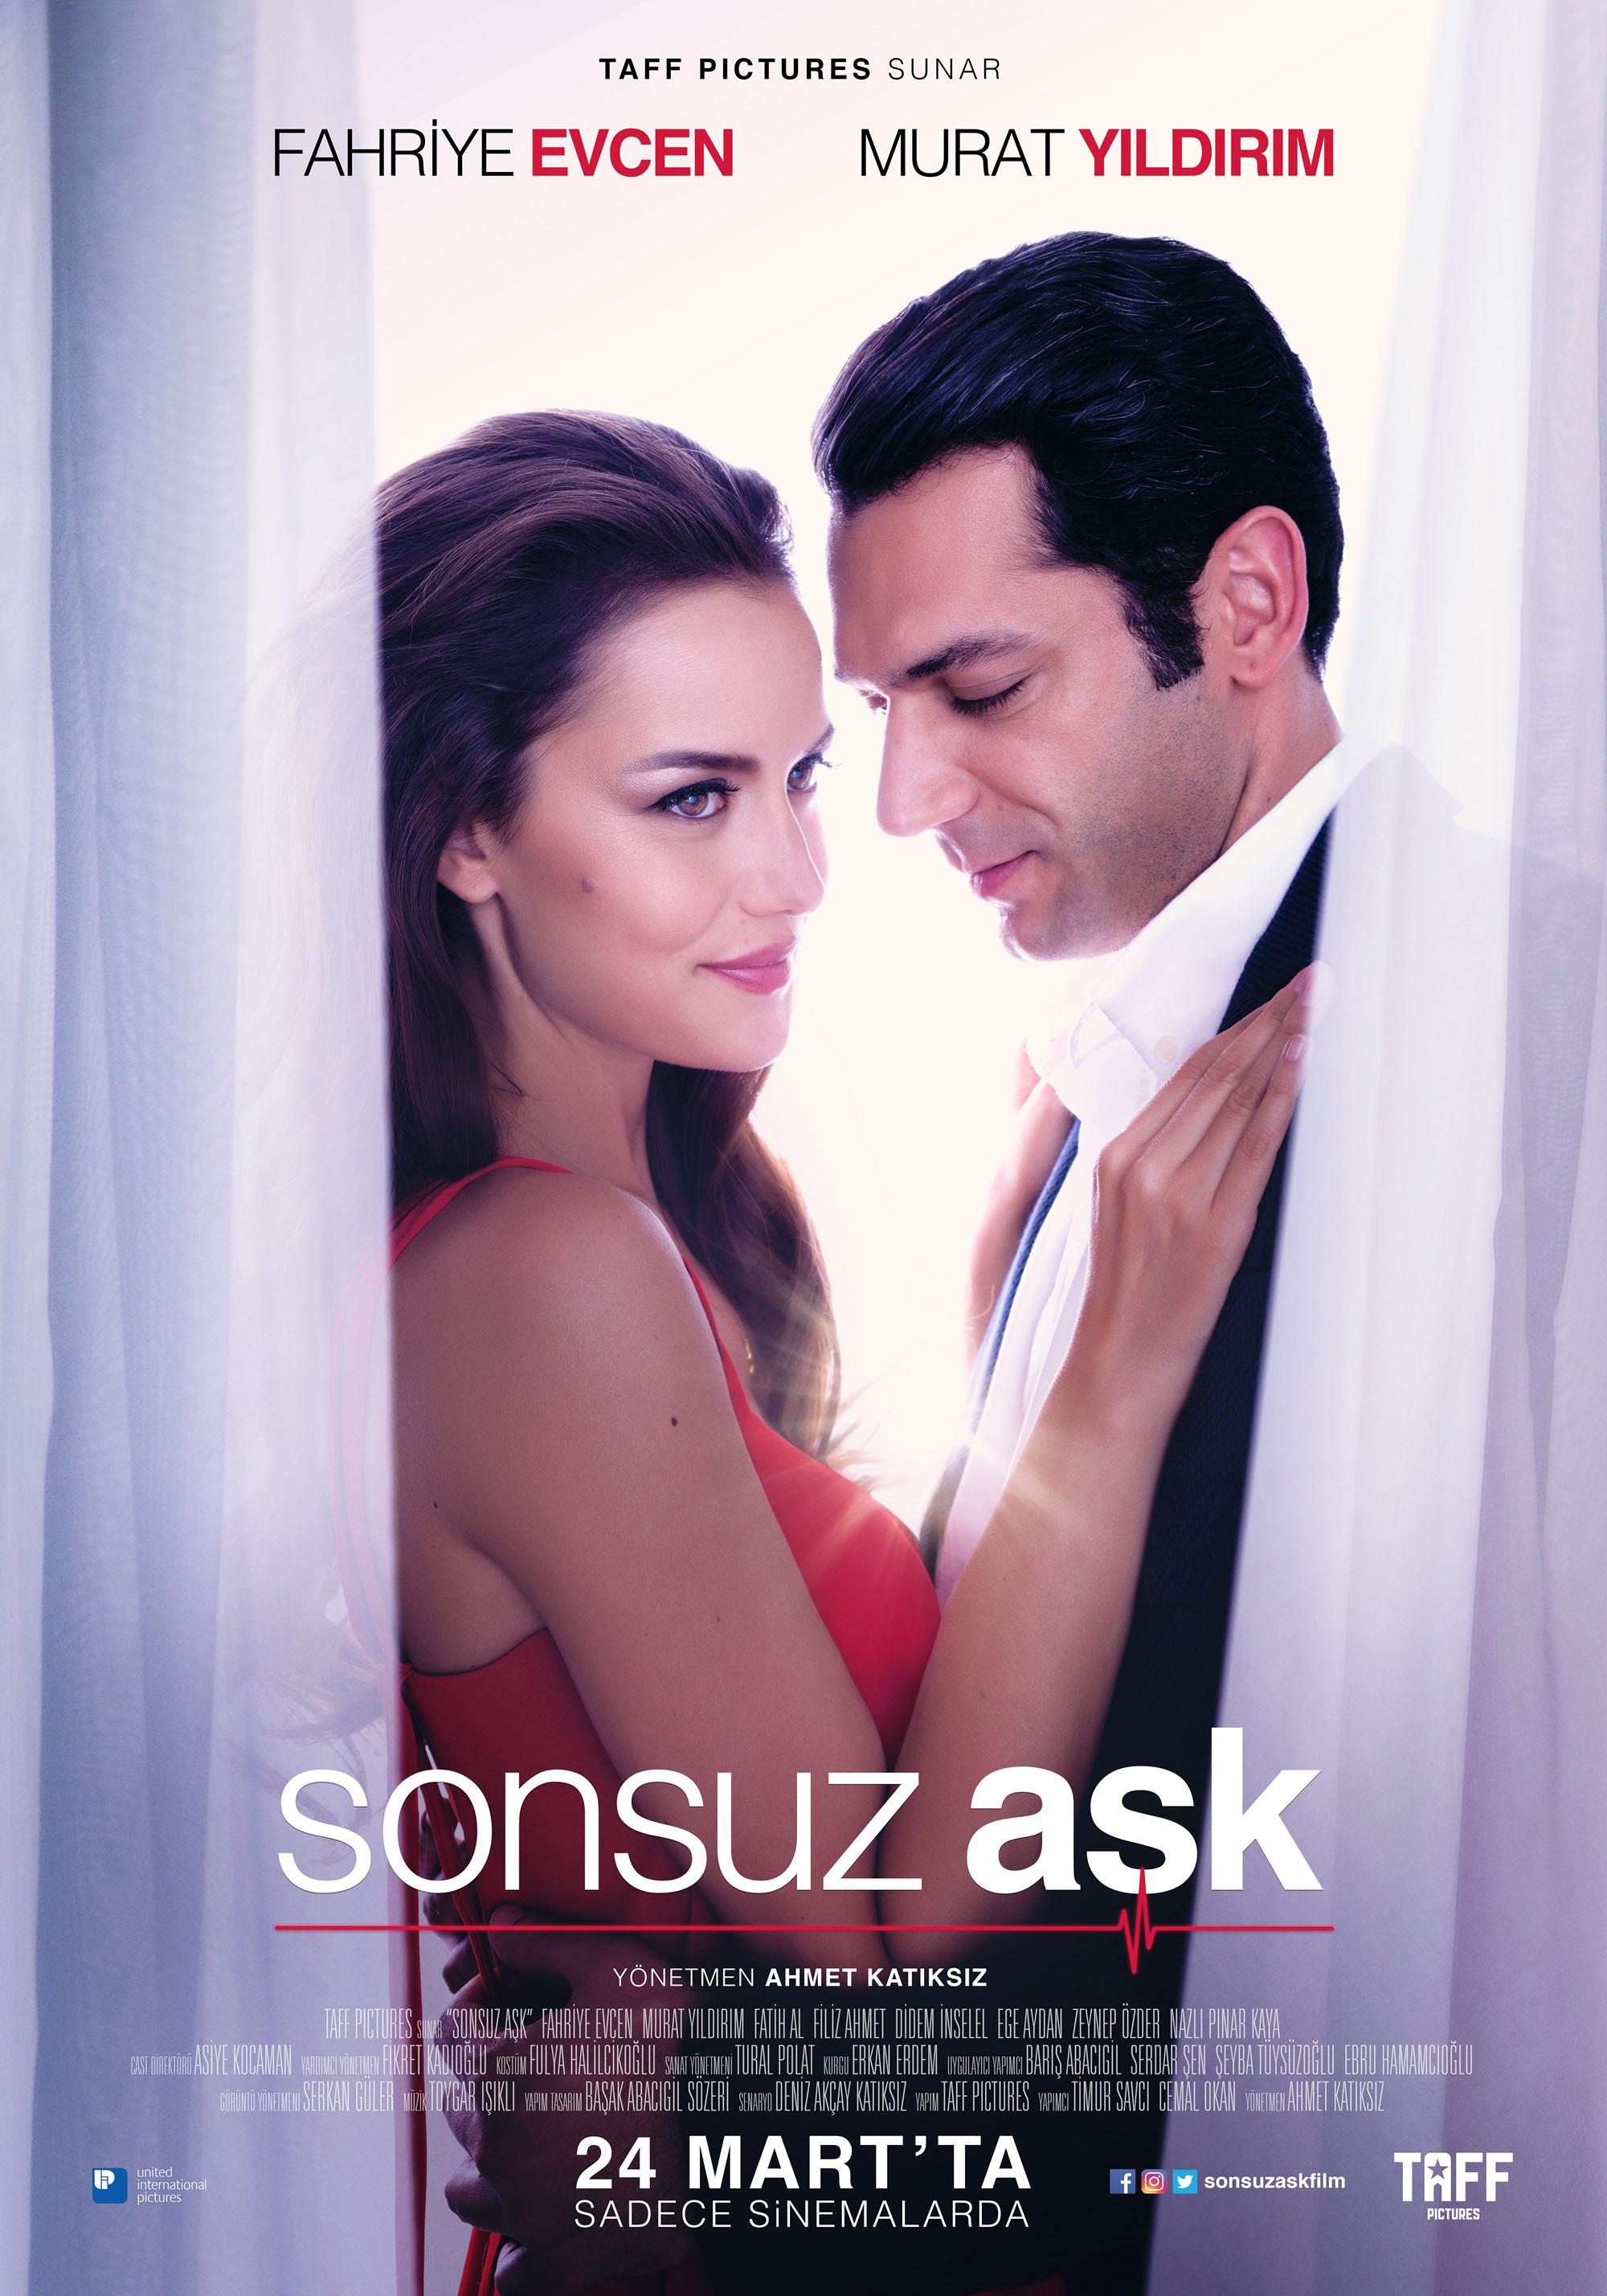 الحب الأبدي 2017 فيلم Sonsuz Ask التركي مترجم للعربية + تقرير